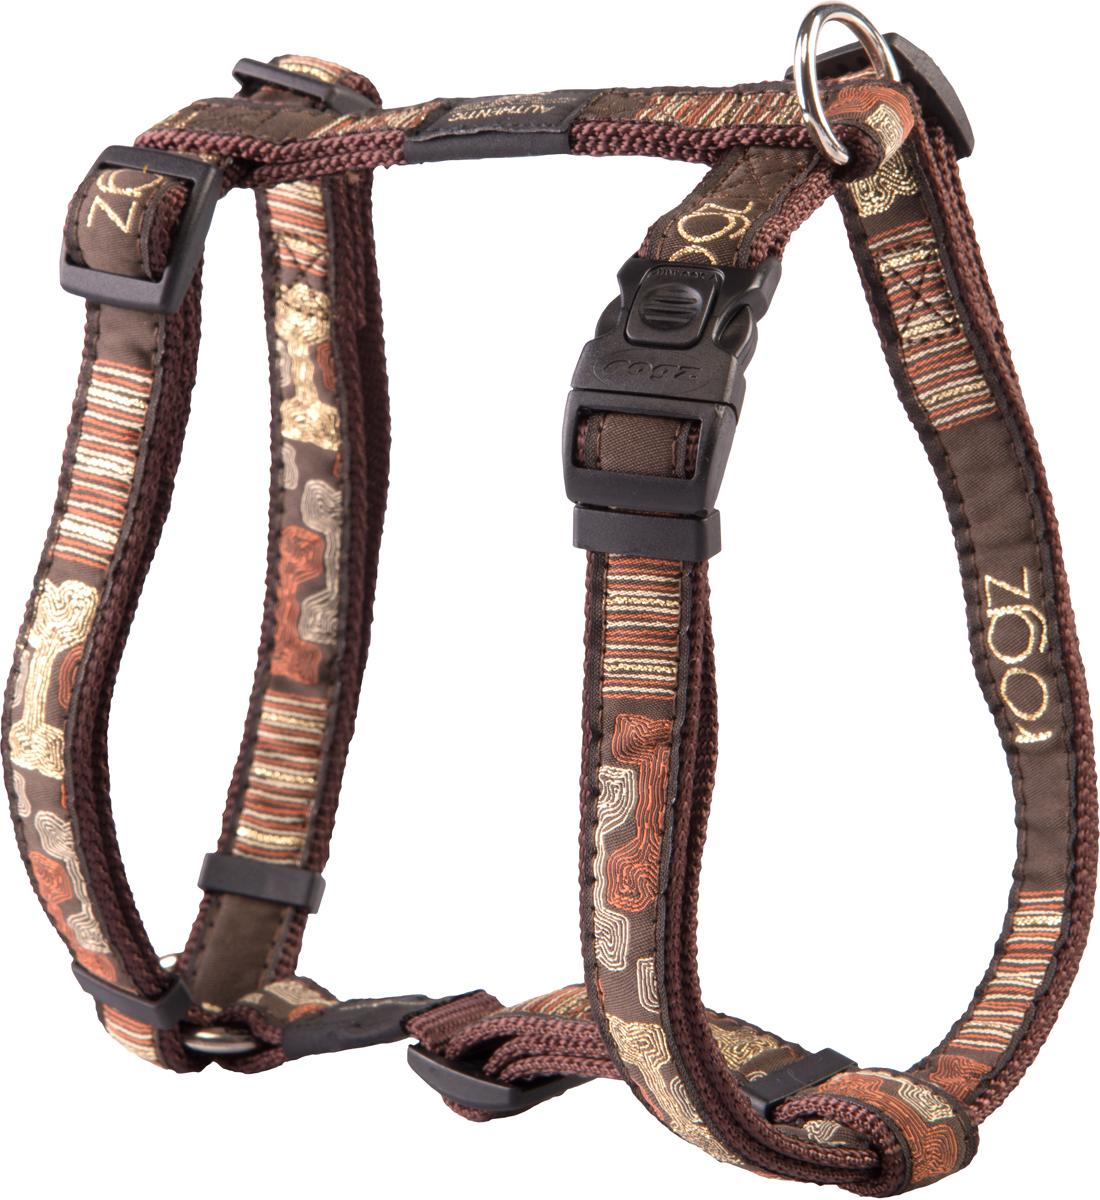 Шлейка для собак Rogz Fancy Dress, цвет: коричневый, ширина 2 смSJ03CEШлейка для собак Rogz Fancy Dress имеет необычный дизайн. Широкая гамма потрясающе красивых орнаментов на прочной тесьме поверх нейлоновой ленты украсит вашего питомца.Застегивается, не доставляя неудобство собаке.Специальная конструкция пряжки Rog Loc - очень крепкая(система Fort Knox). Замок может быть расстегнут только рукой человека.С помощью системы ремней изделие подгоняется под животного индивидуально.Необыкновенно крепкая и прочная шлейка.Выполненные по заказу литые кольца выдерживают значительные физические нагрузки и имеют хромирование, нанесенное гальваническим способом, что позволяет избежать коррозии и потускнения изделия.Легко можно прикрепить к ошейнику и поводку.